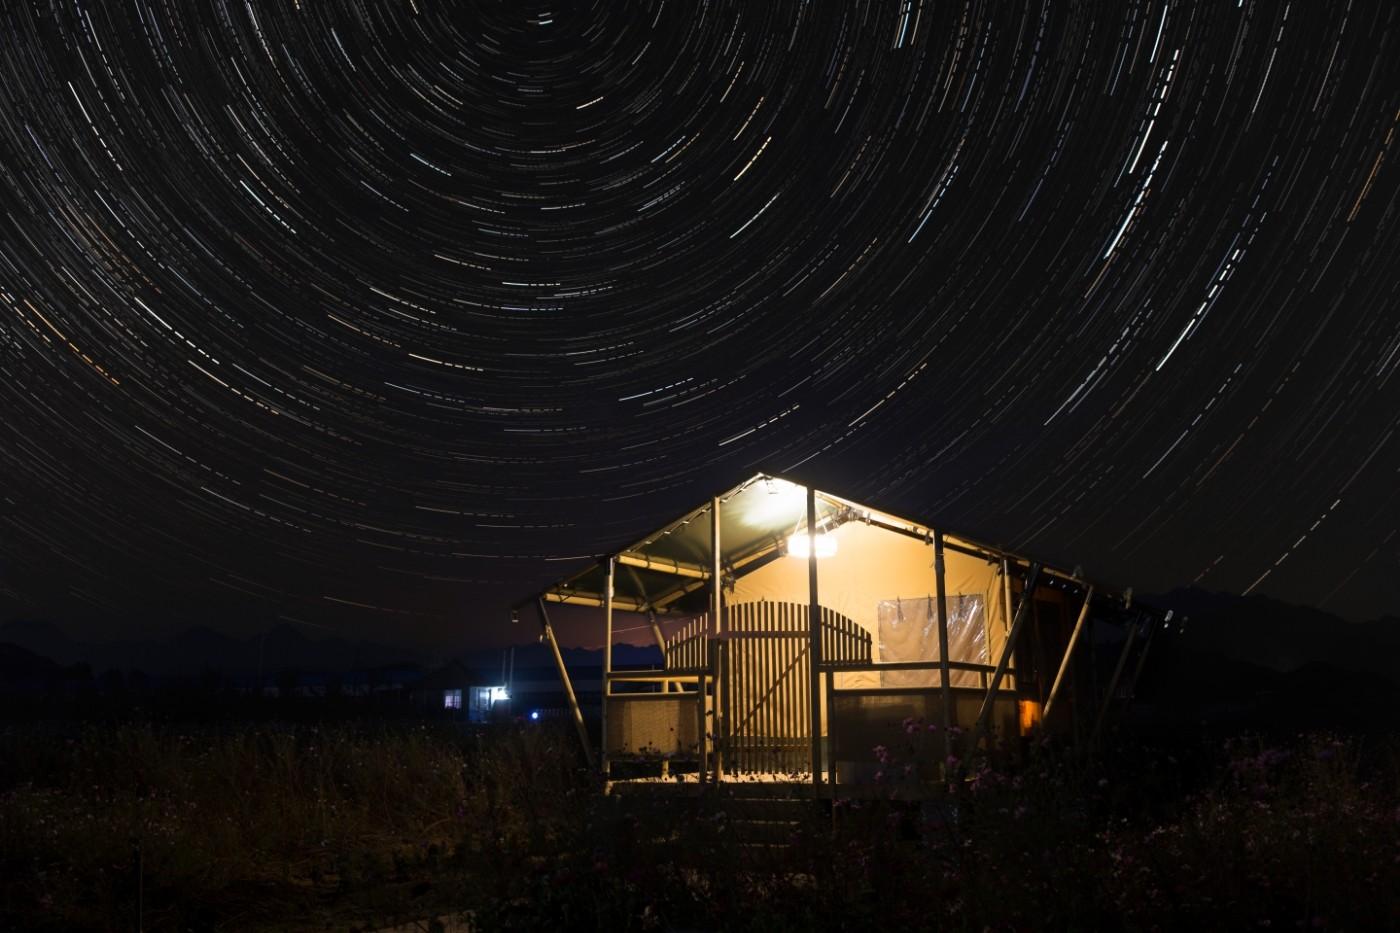 喜马拉雅野奢帐篷酒店—济南长清18